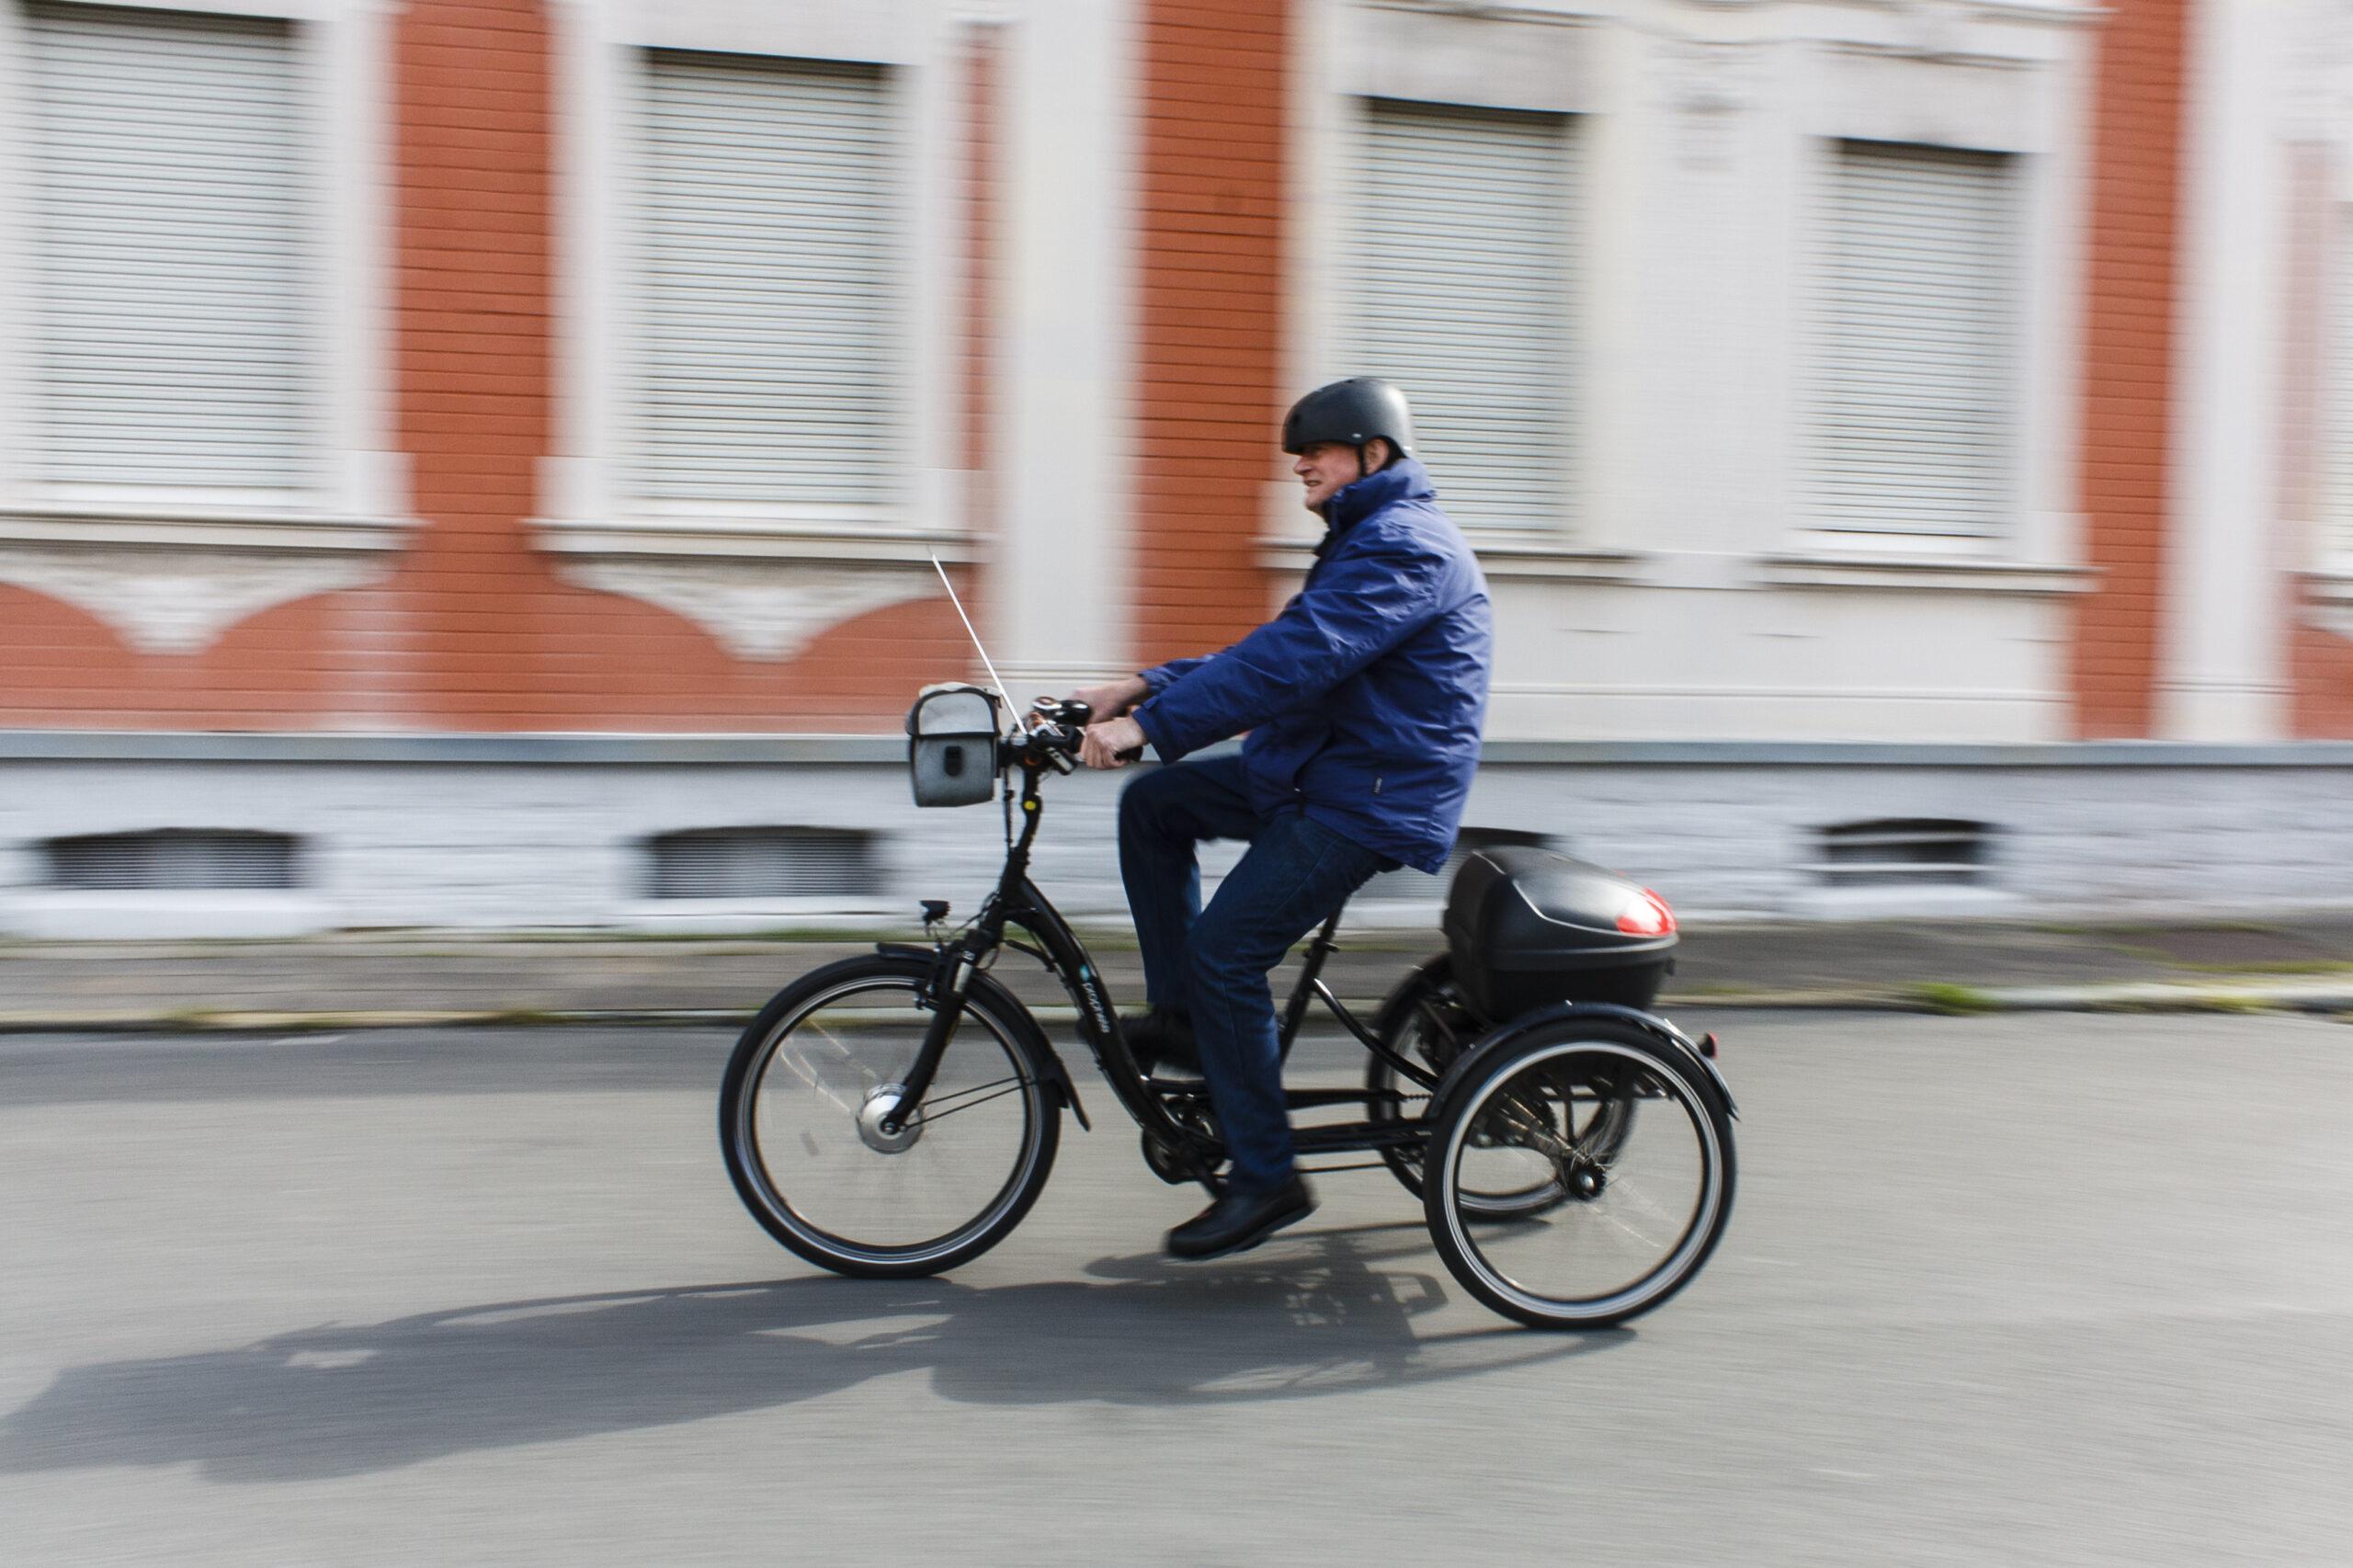 Foto Wolfgang Quakennack auf deinem Dreirad